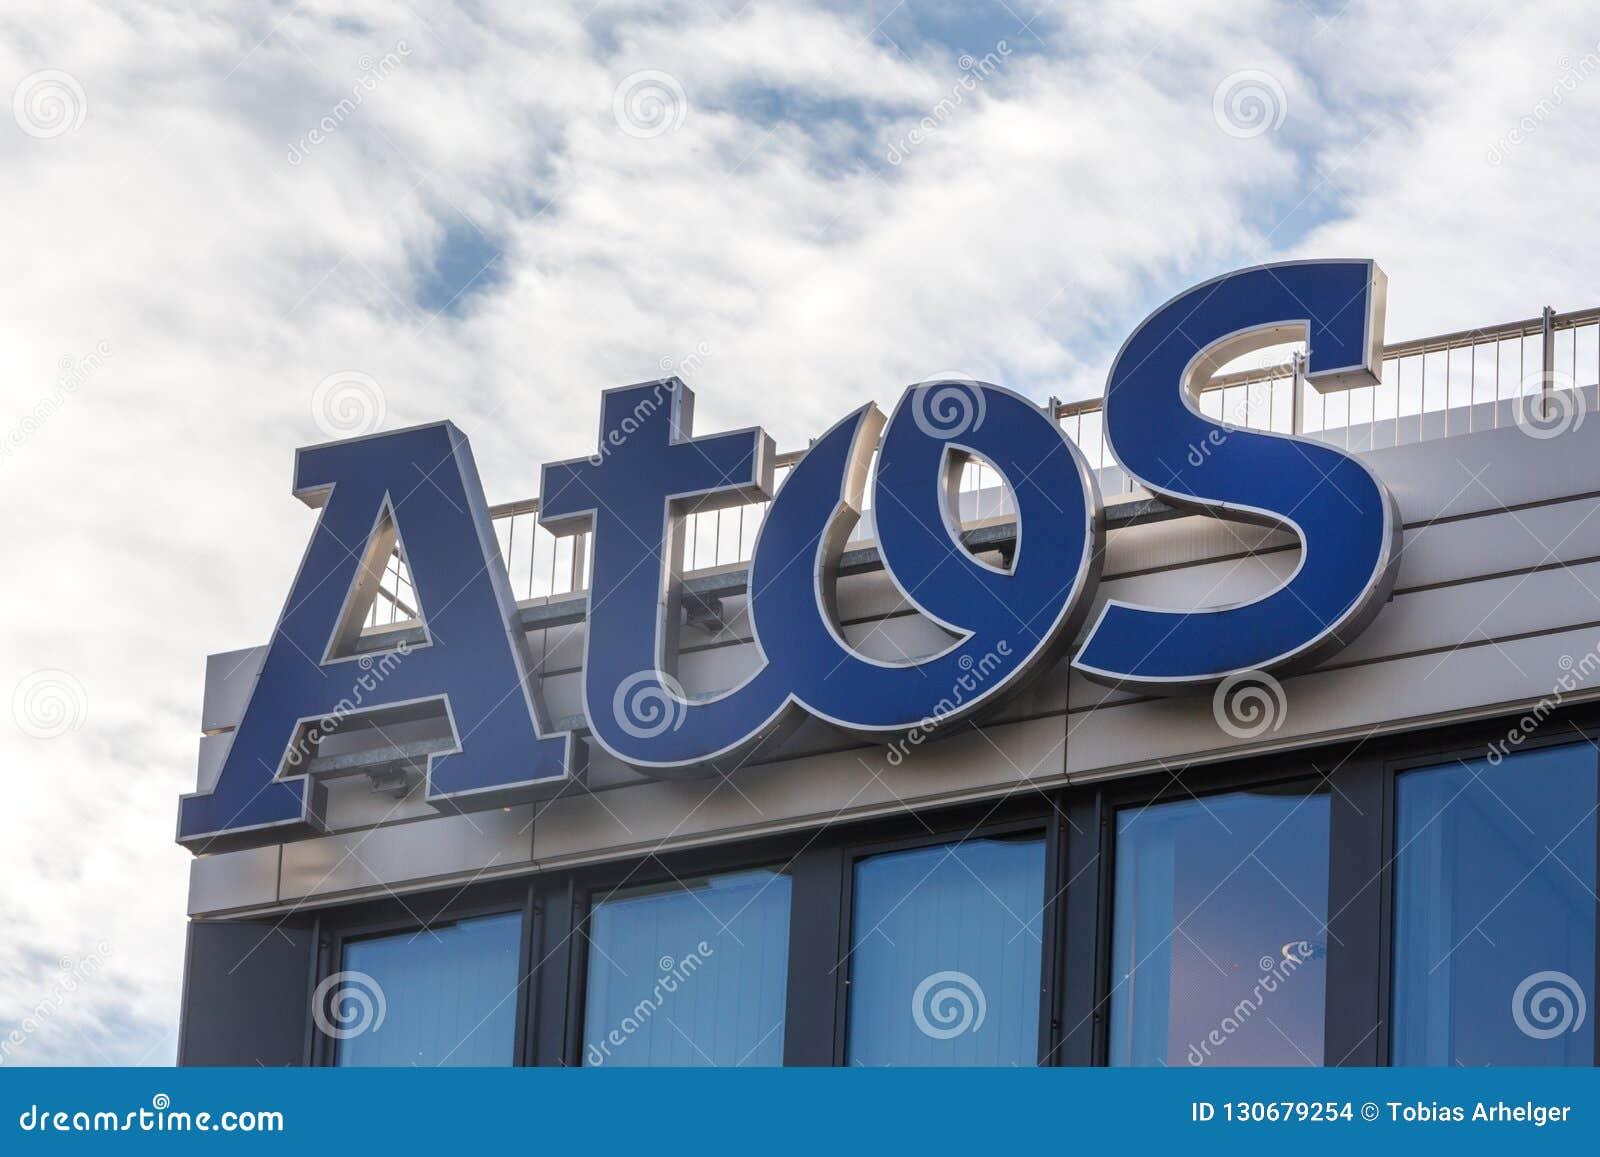 Essen, Reno-Westphalia norte/Alemanha - 02 11 18: os atos assinam em uma construção em essen Alemanha